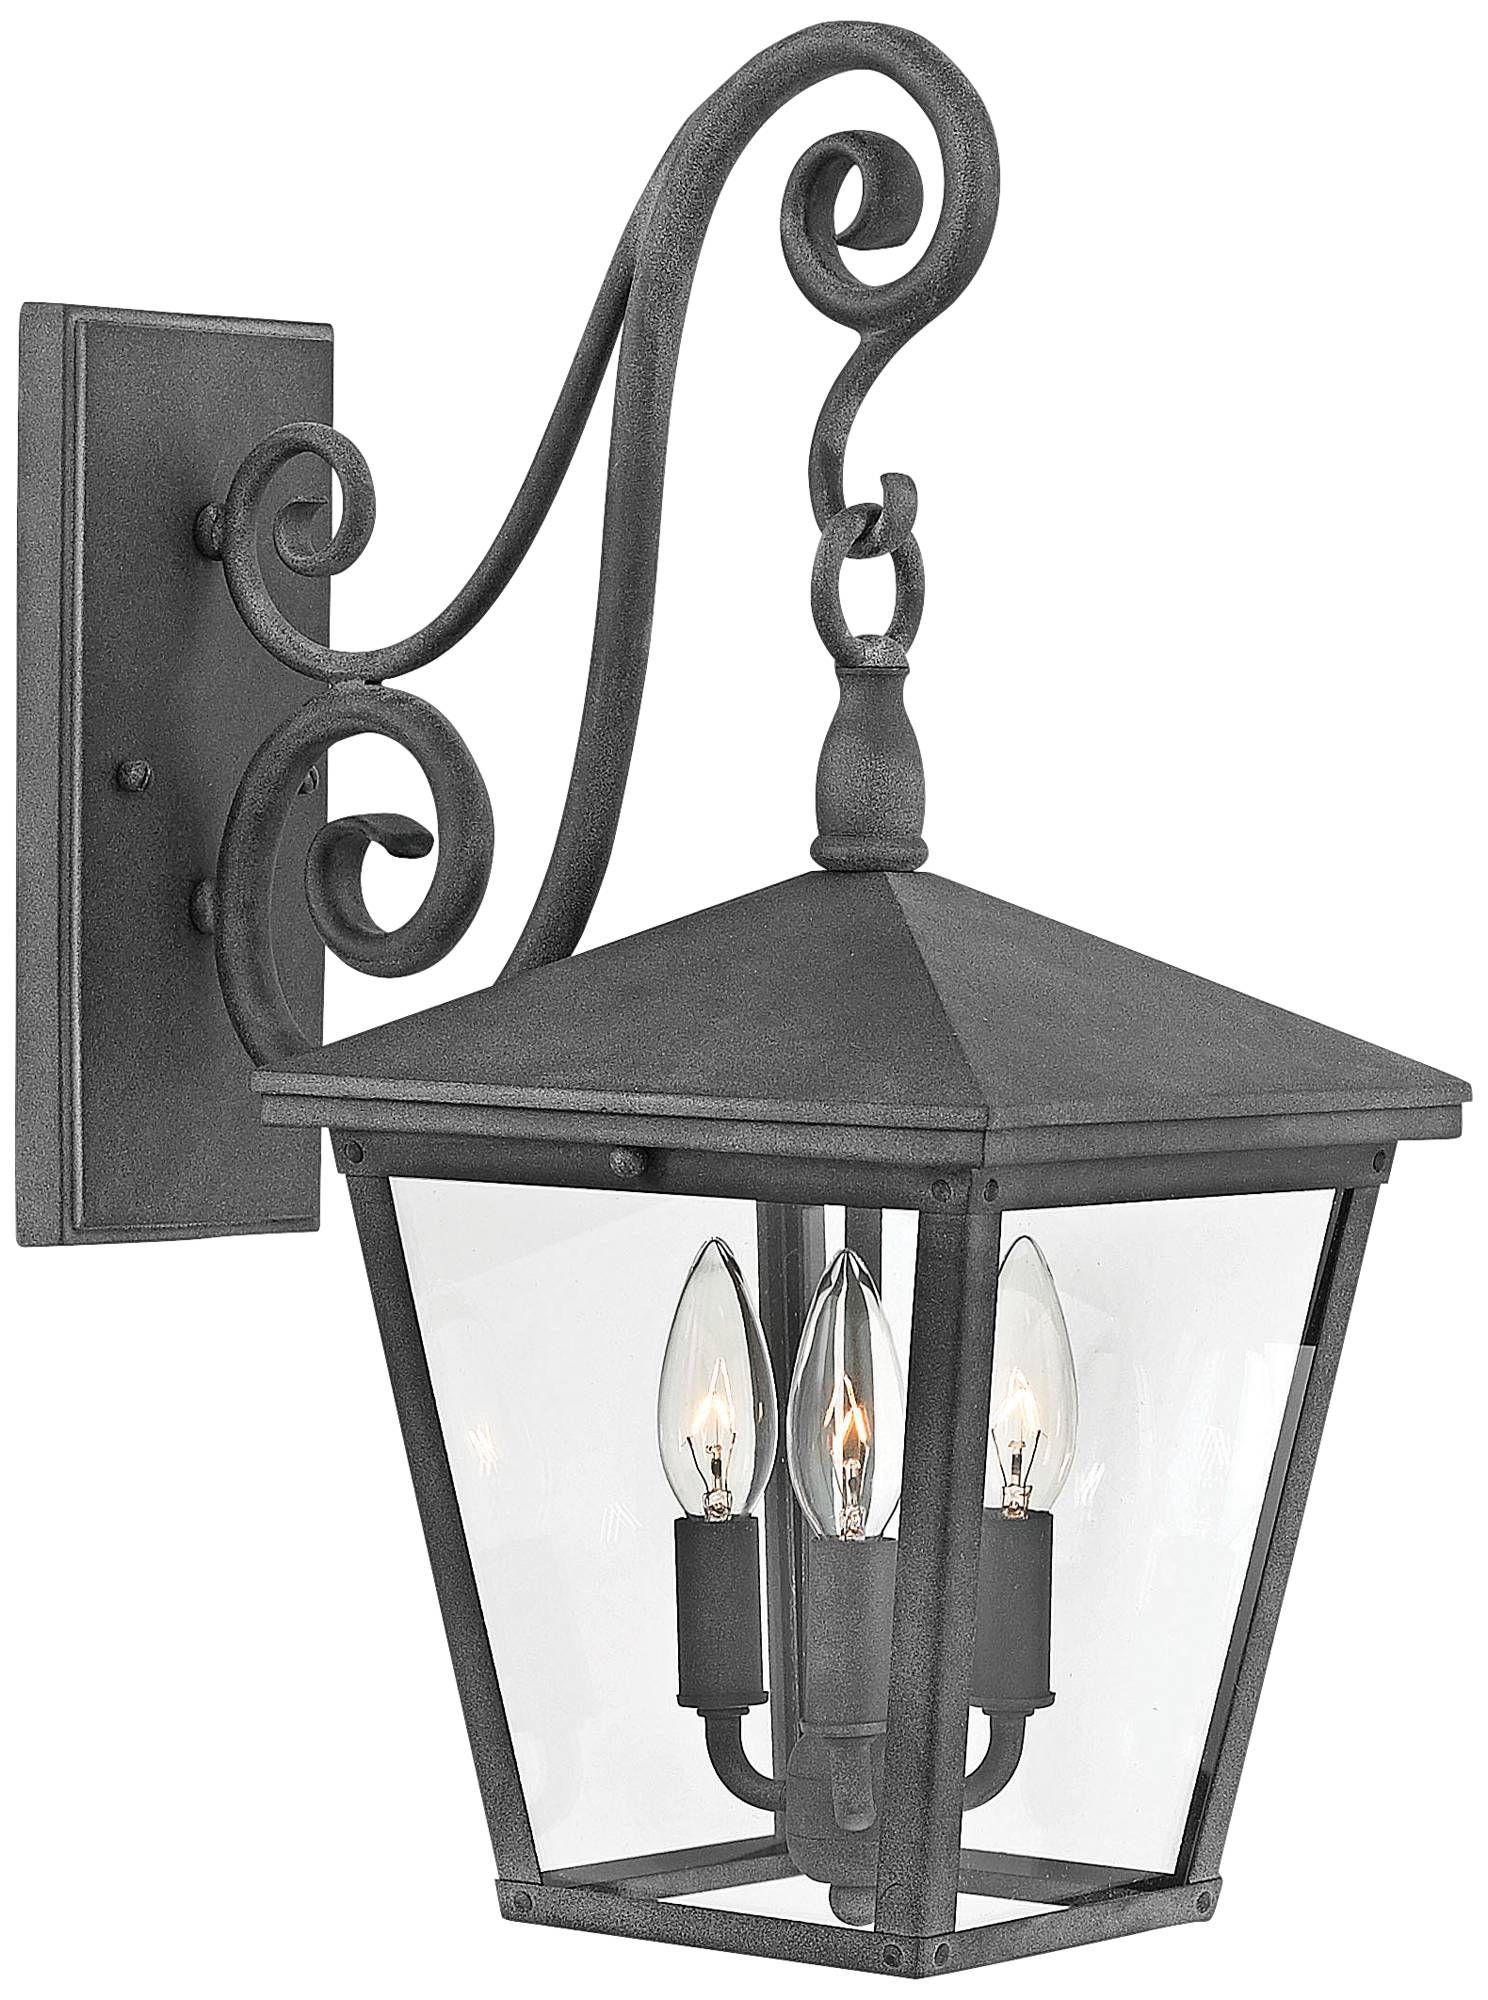 Trellis 19 3 4 High Aged Zinc 3 Light Outdoor Wall Light 18f07